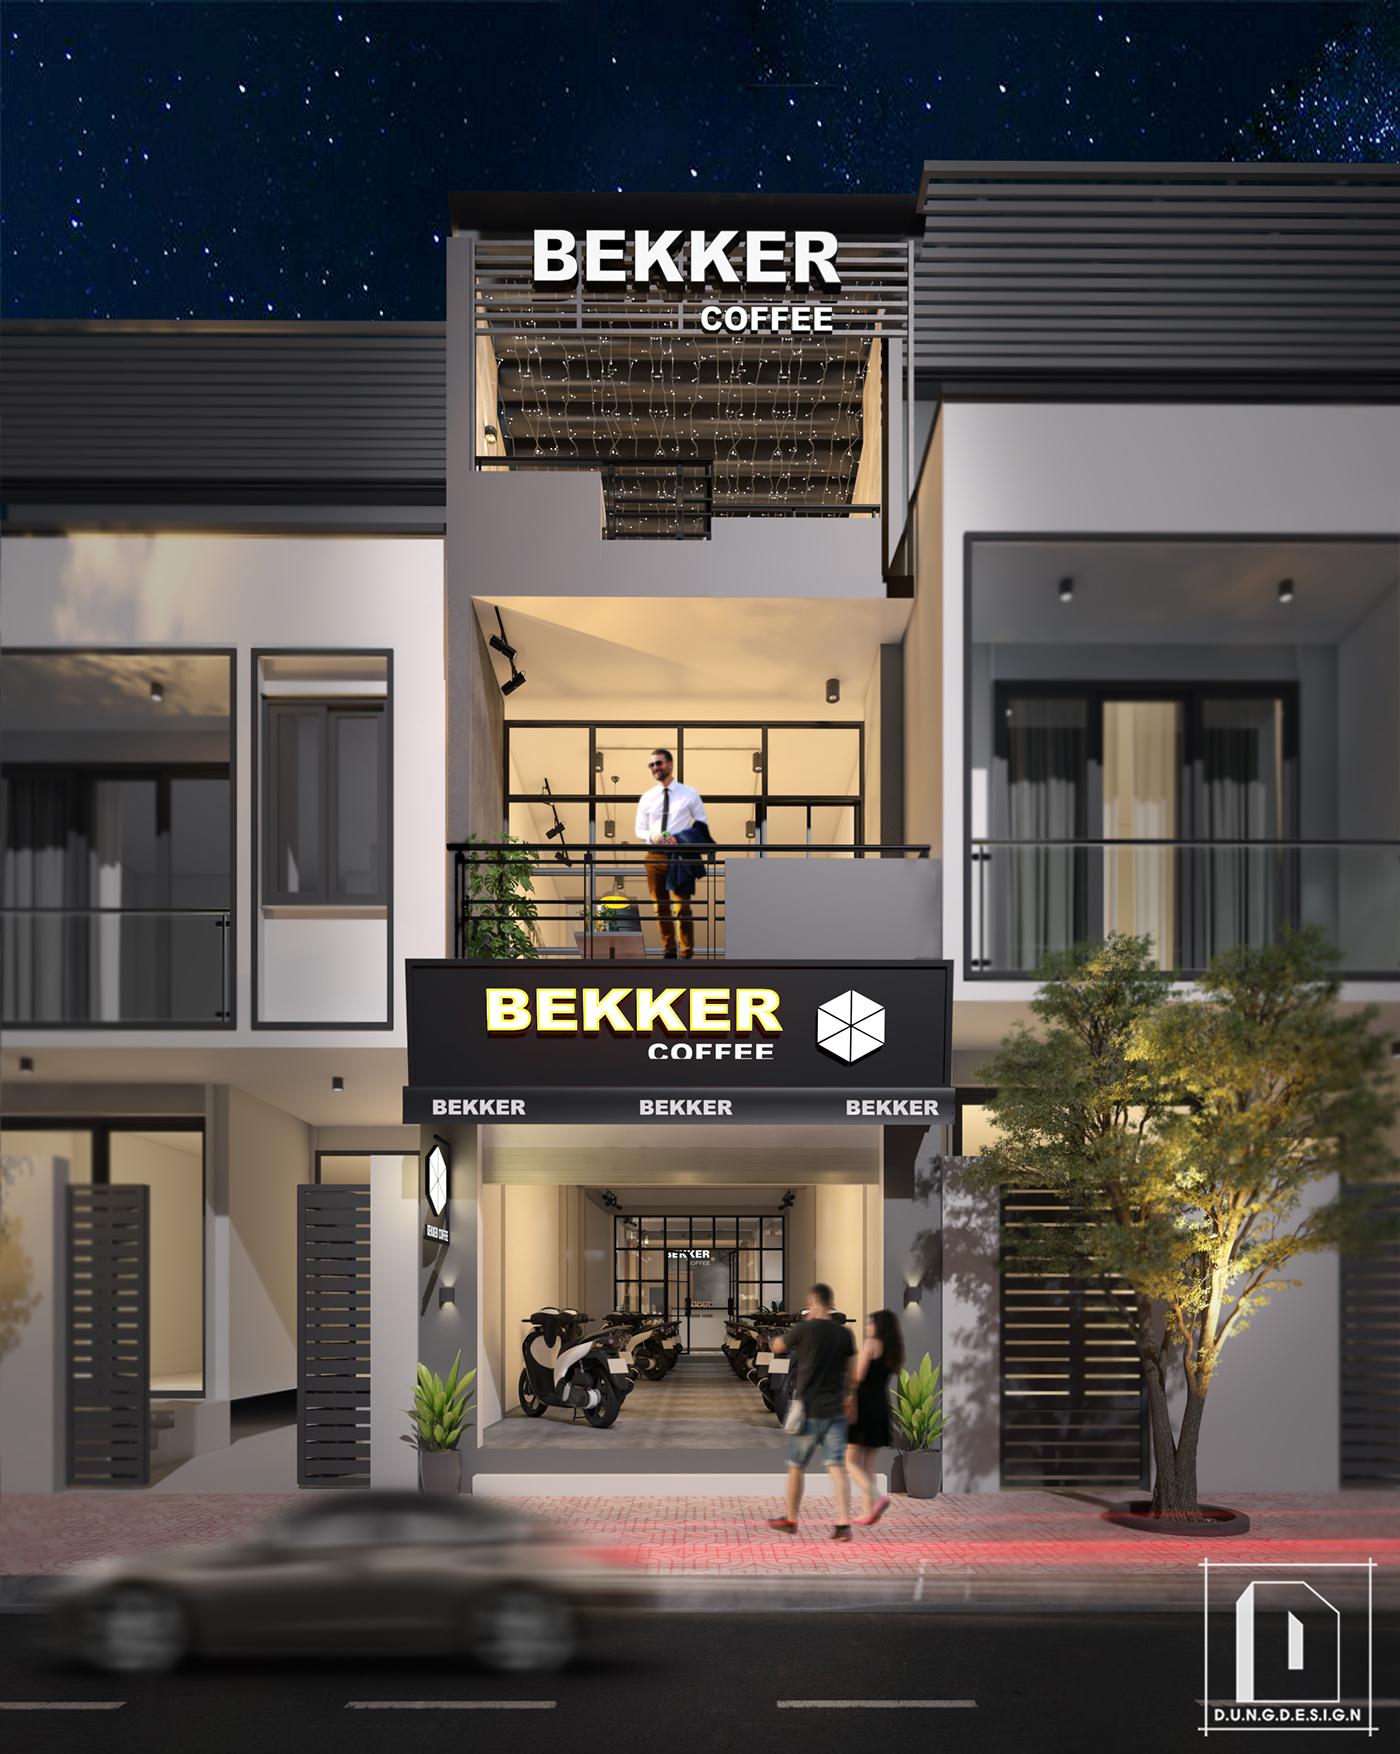 thiết kế nội thất Cafe tại Hồ Chí Minh Bekker Coffee 15 1538453281